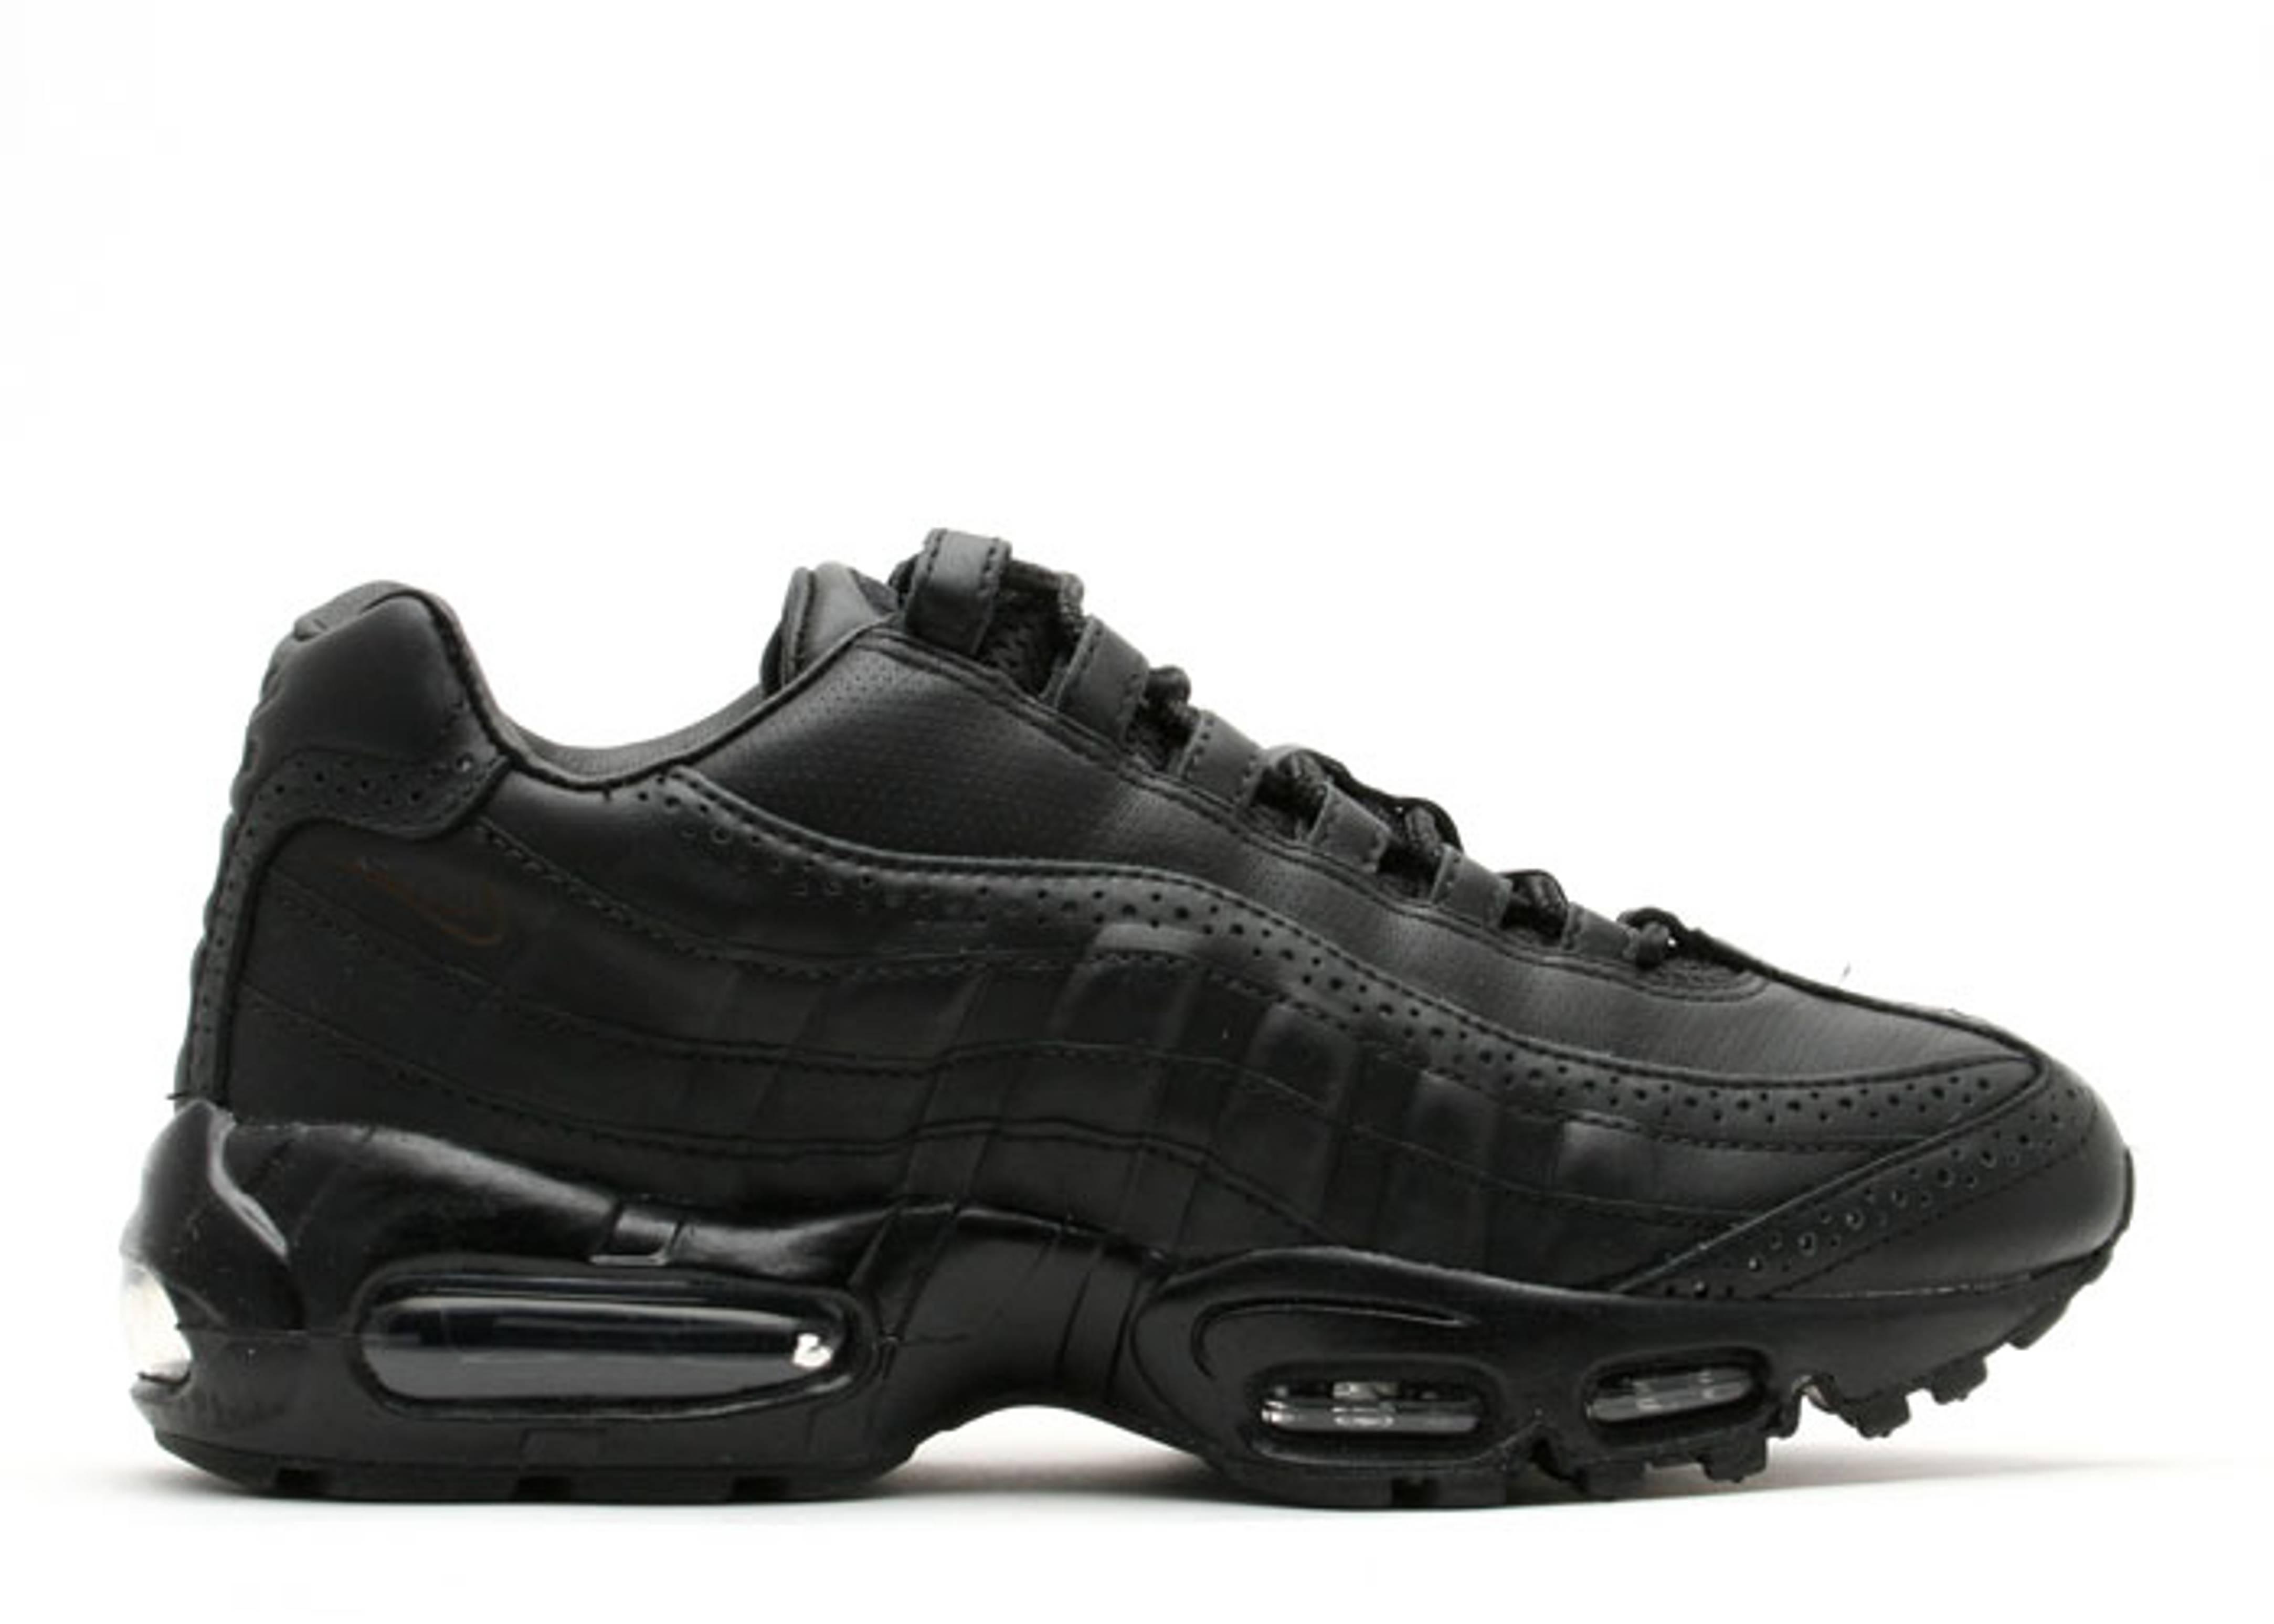 low priced 41517 b5b6f Air Max 95 Supreme - Nike - 314993 001 - black/black ...